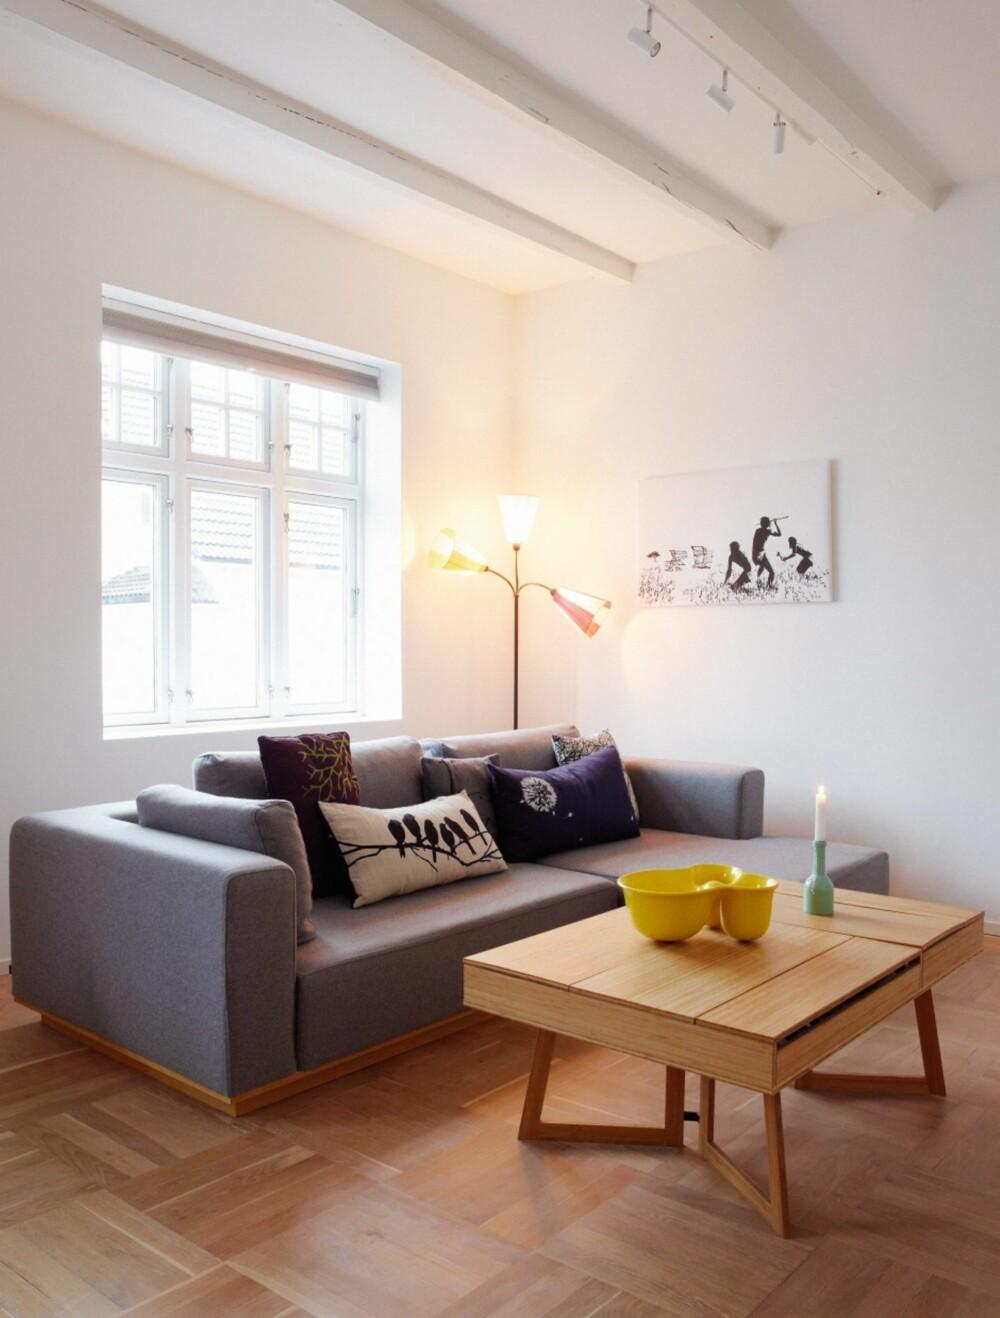 RENE GIPSFLATER: De rene gipsflatene fremhever bjelkene og det originale, skjeve tregulvet. Putene i sofaen er fra Rom for mer, Living og Bolia, den grønne lysestaken er fra Ting og den gule Ole Jensen-bollen er fra Muuto. Bildet er en Banksy-kopi som selges på eBay. Tivolilampen er vintage, og bord og sofa er fra Bolia.